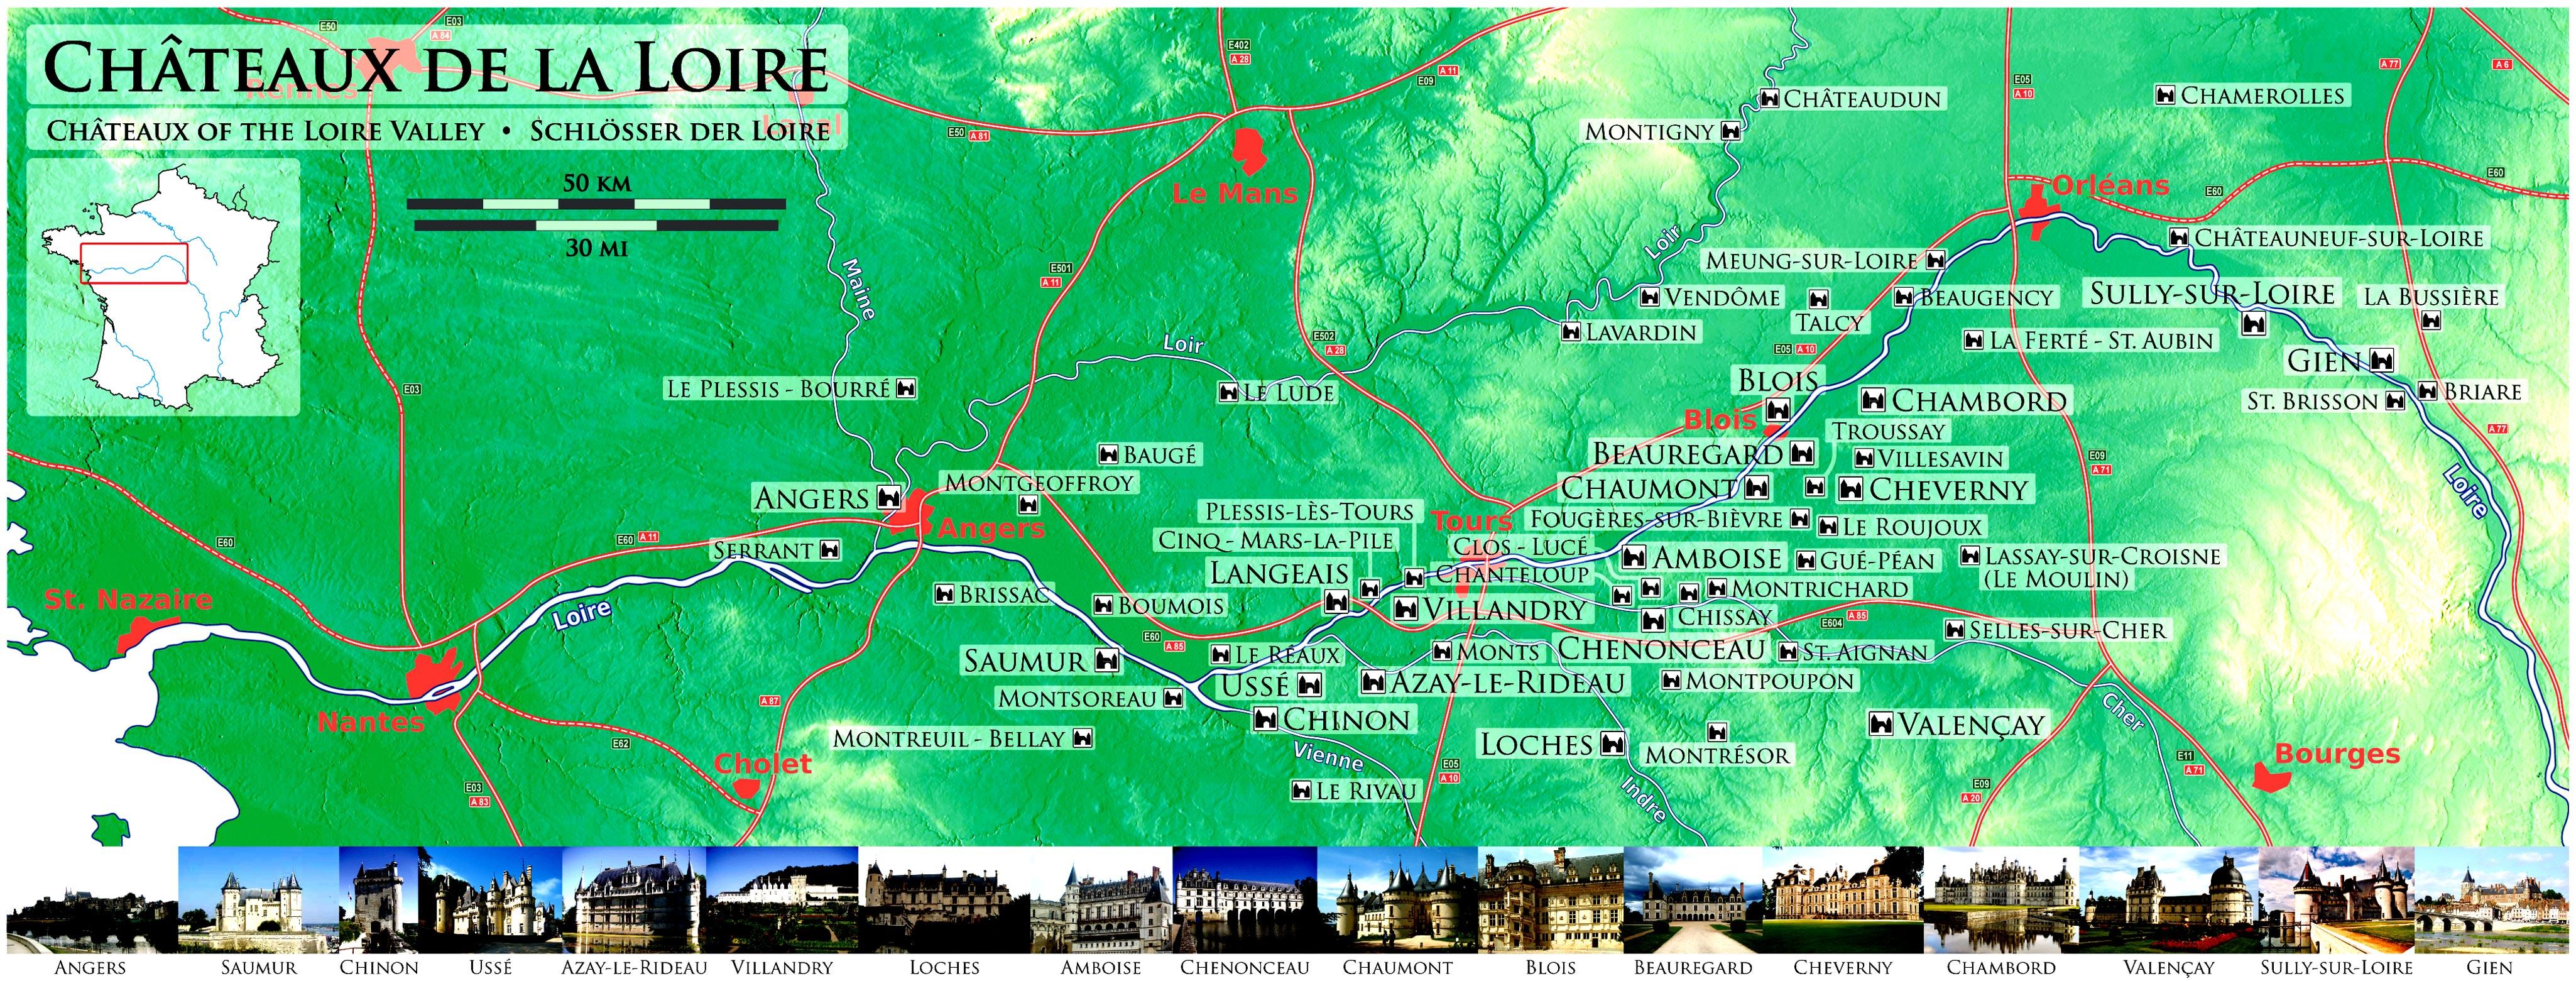 Замки долины Луары на карте достопримечательностей